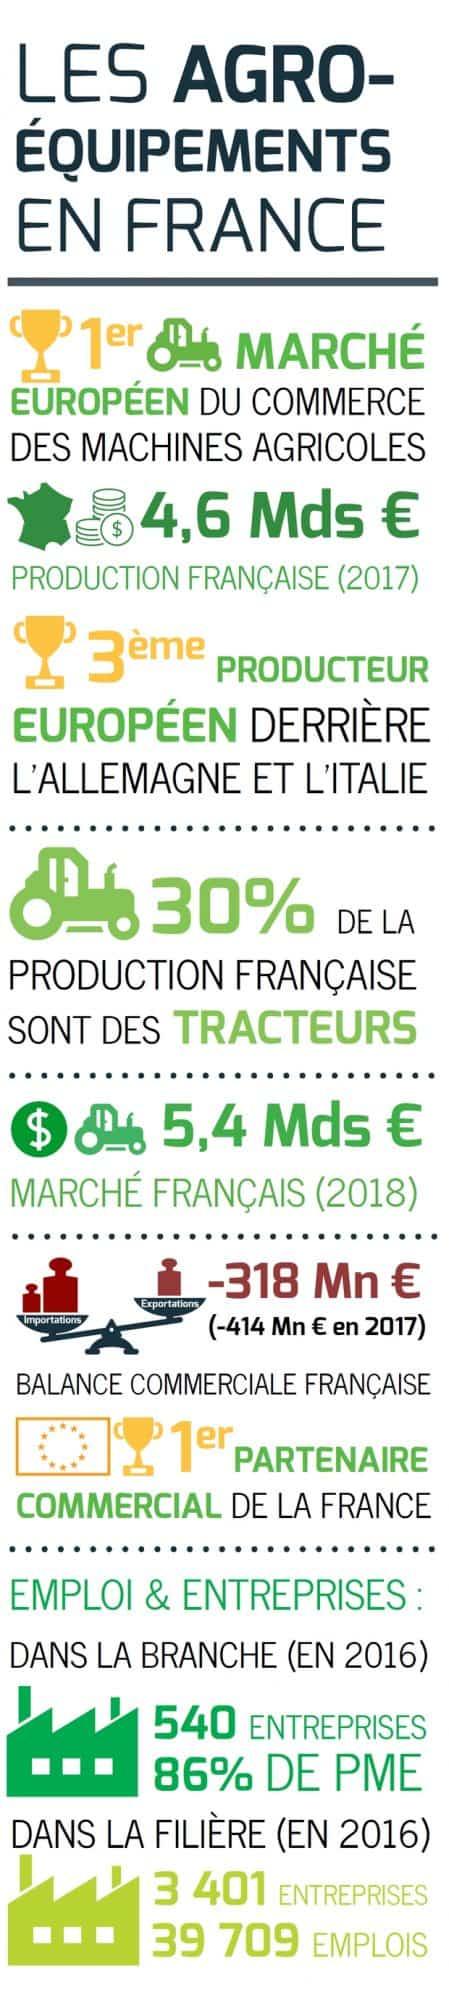 Marché français des agroéquipements :Axema état des lieux des agroéquipements